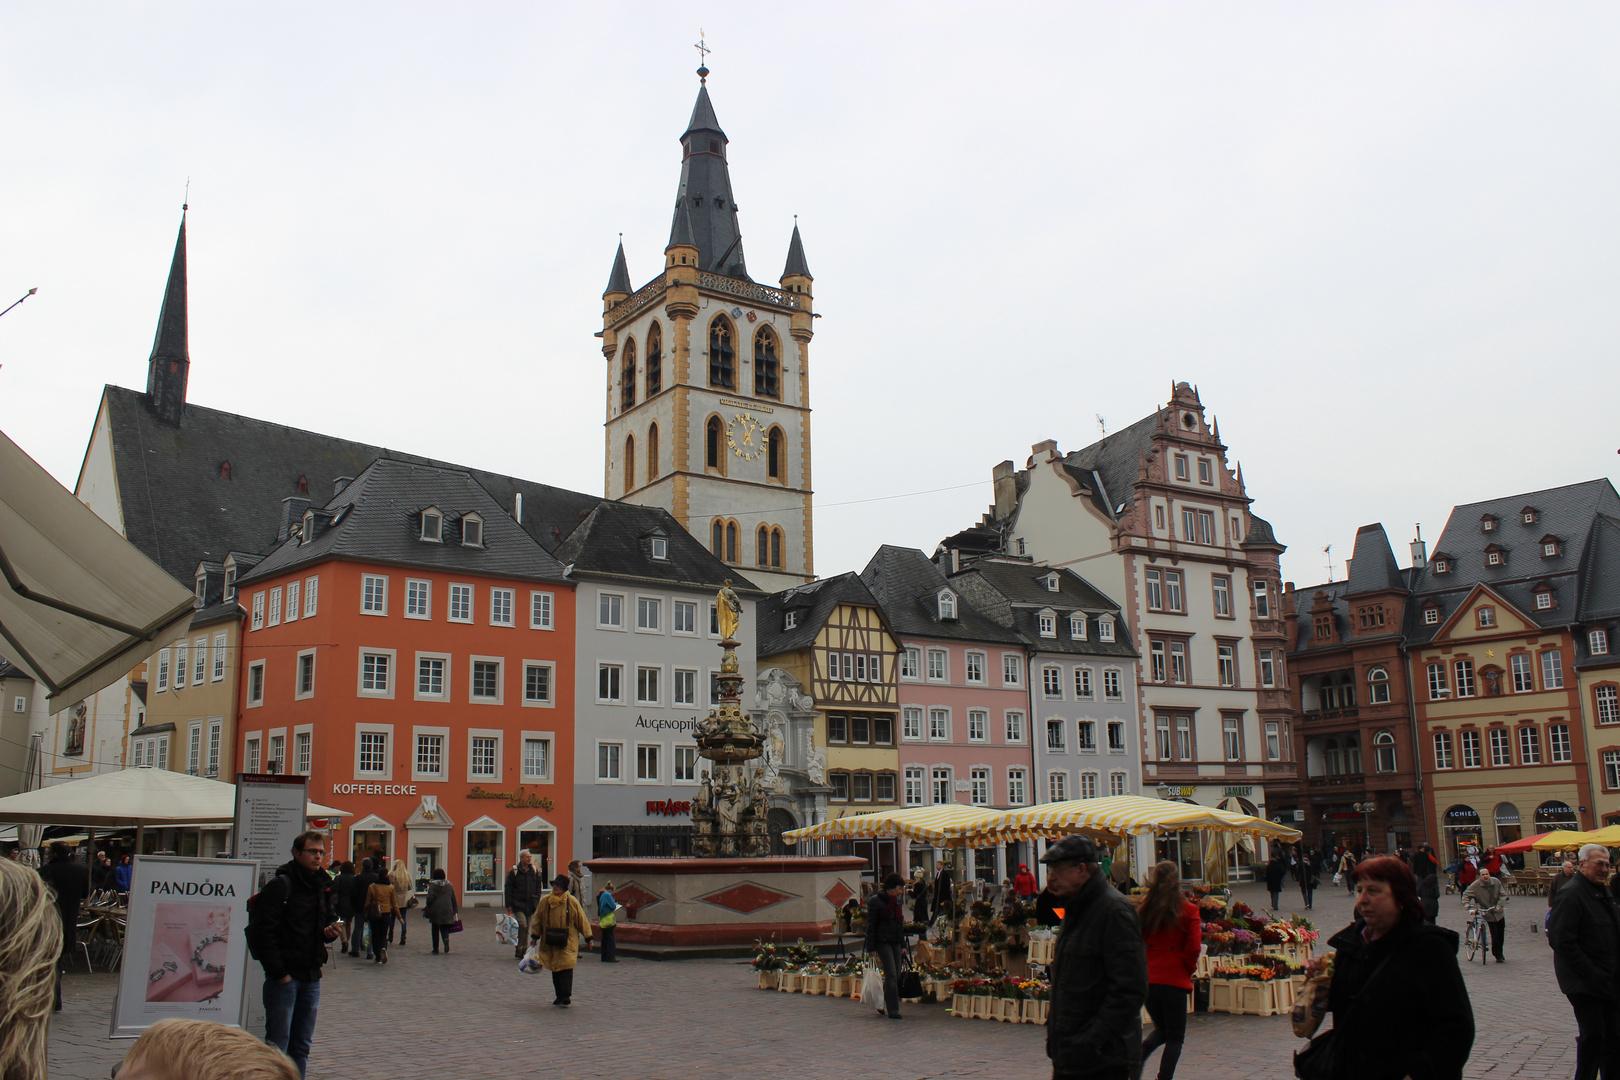 Trierer Markt